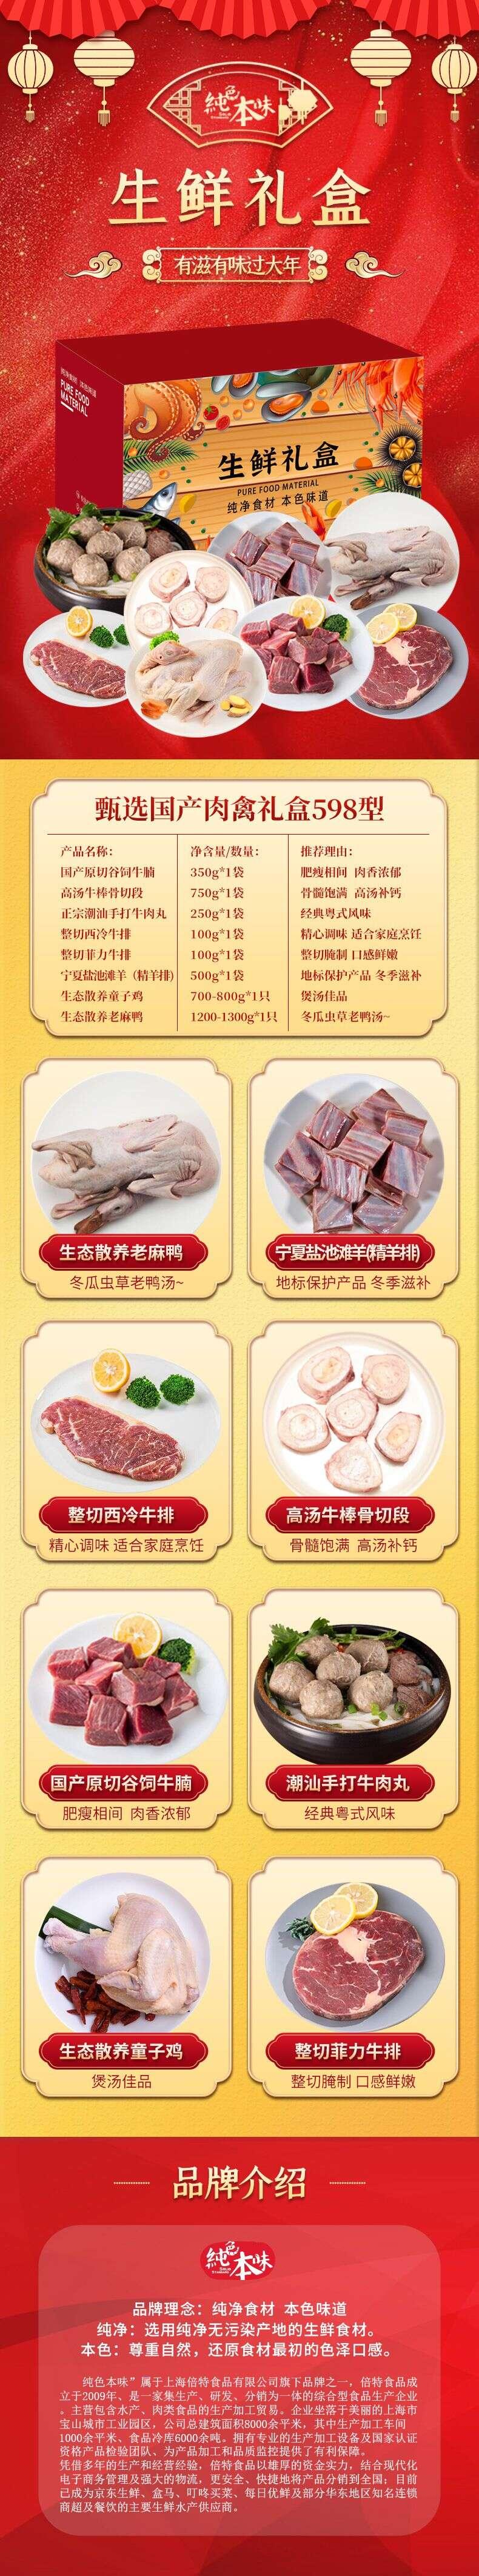 甄選國產肉禽禮盒598型_1_1.JPG